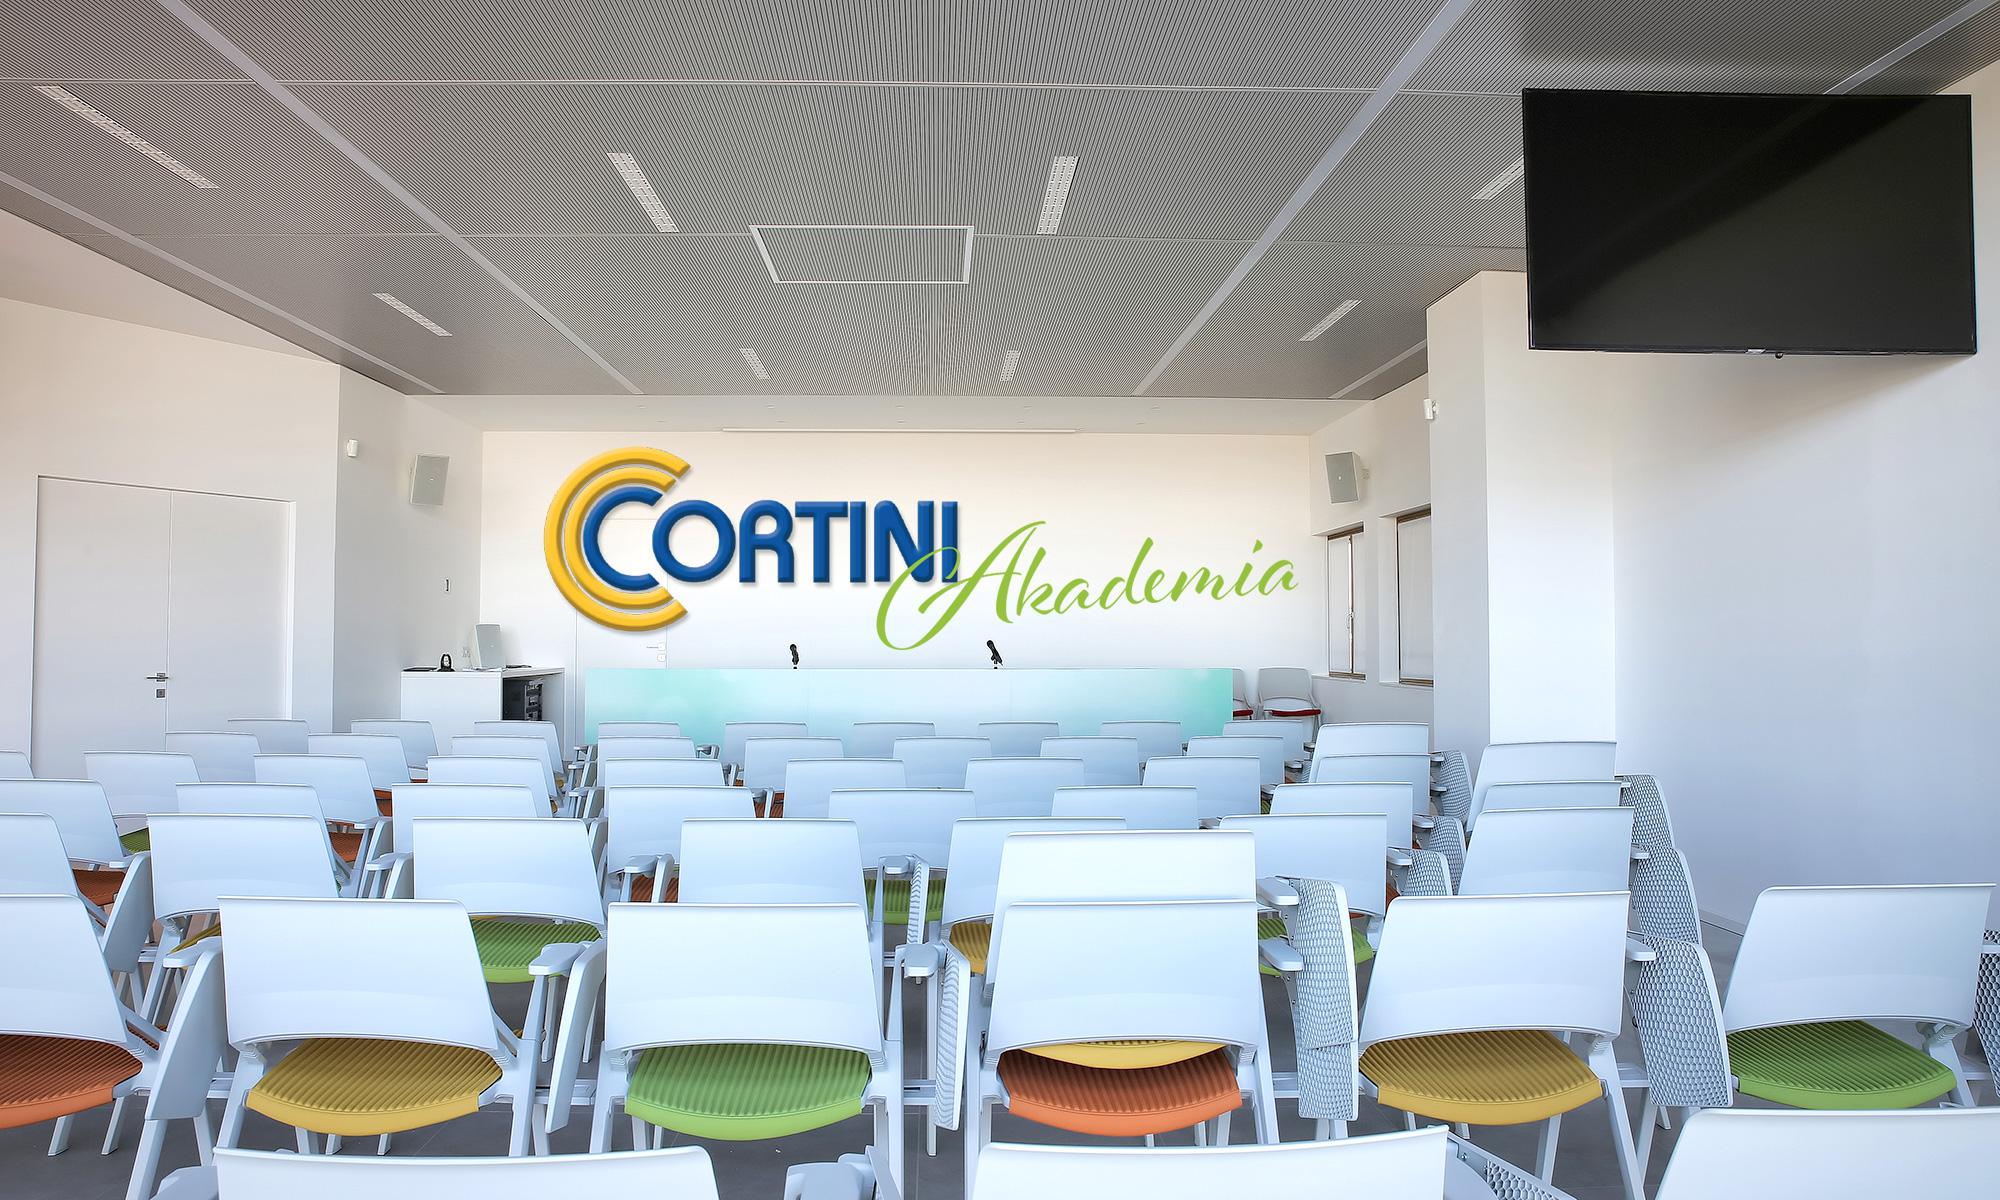 Cortini Akademia